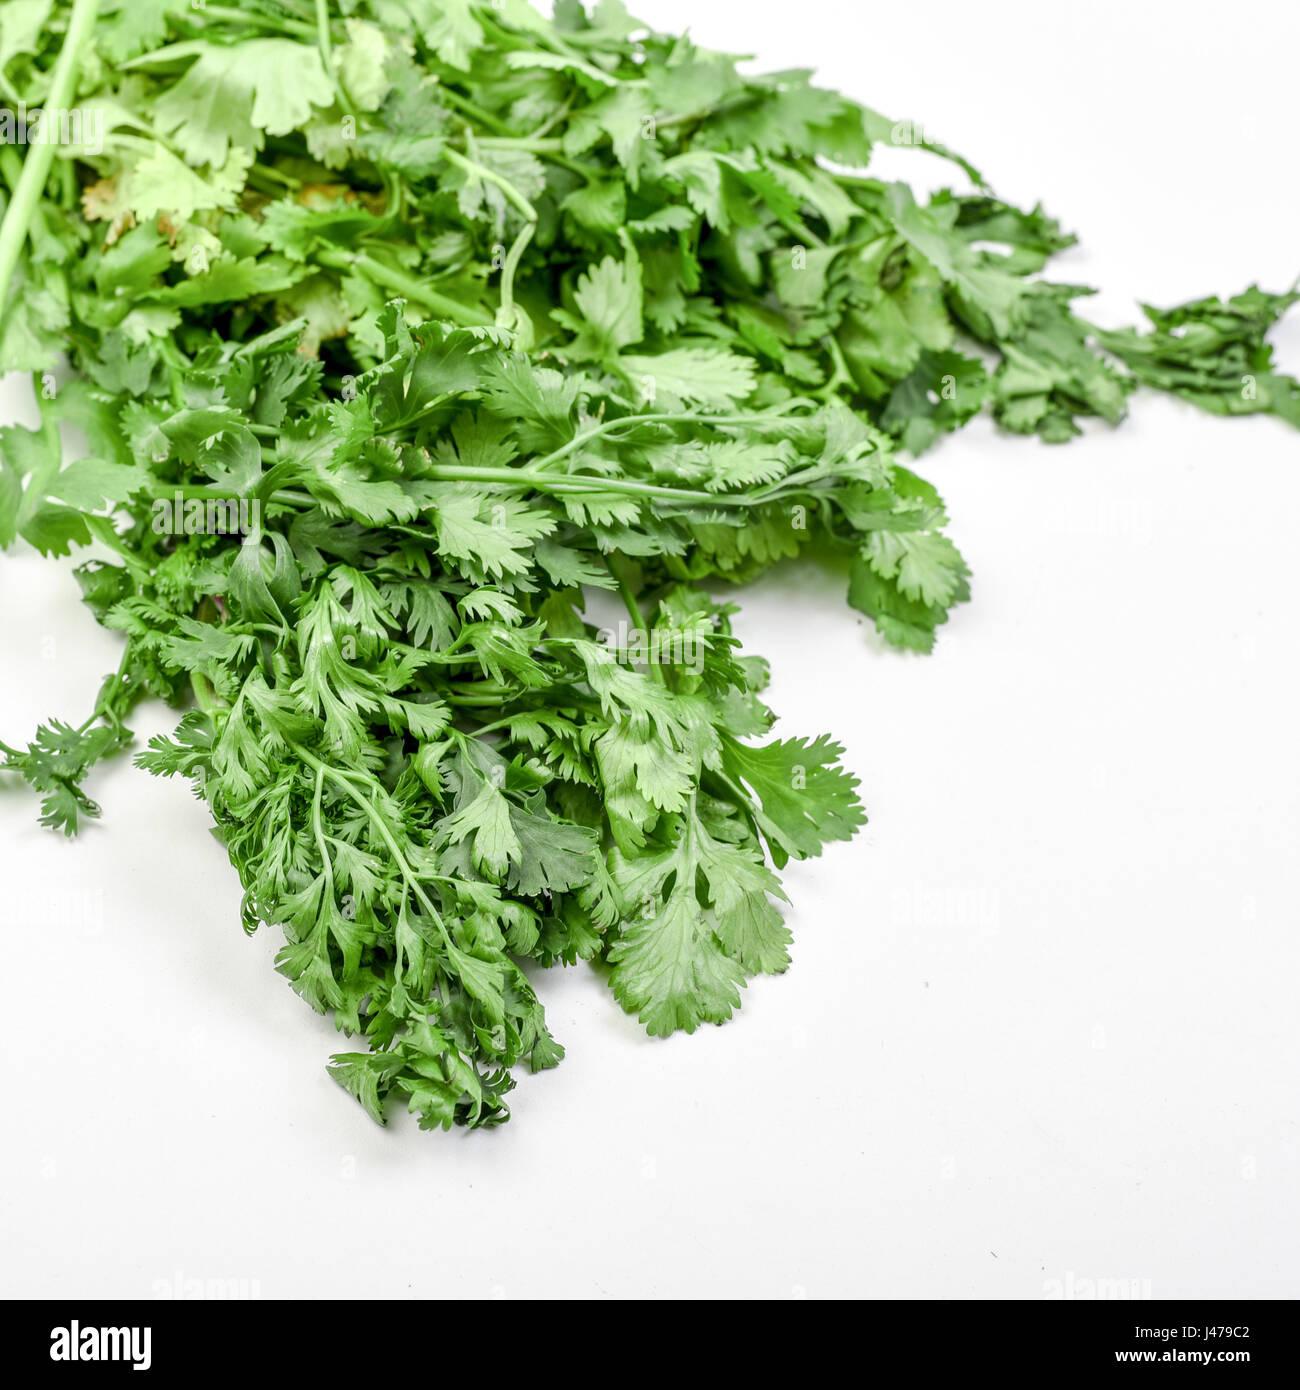 Fresh and organic Coriander (Coriandrum sativum) on white background - Stock Image